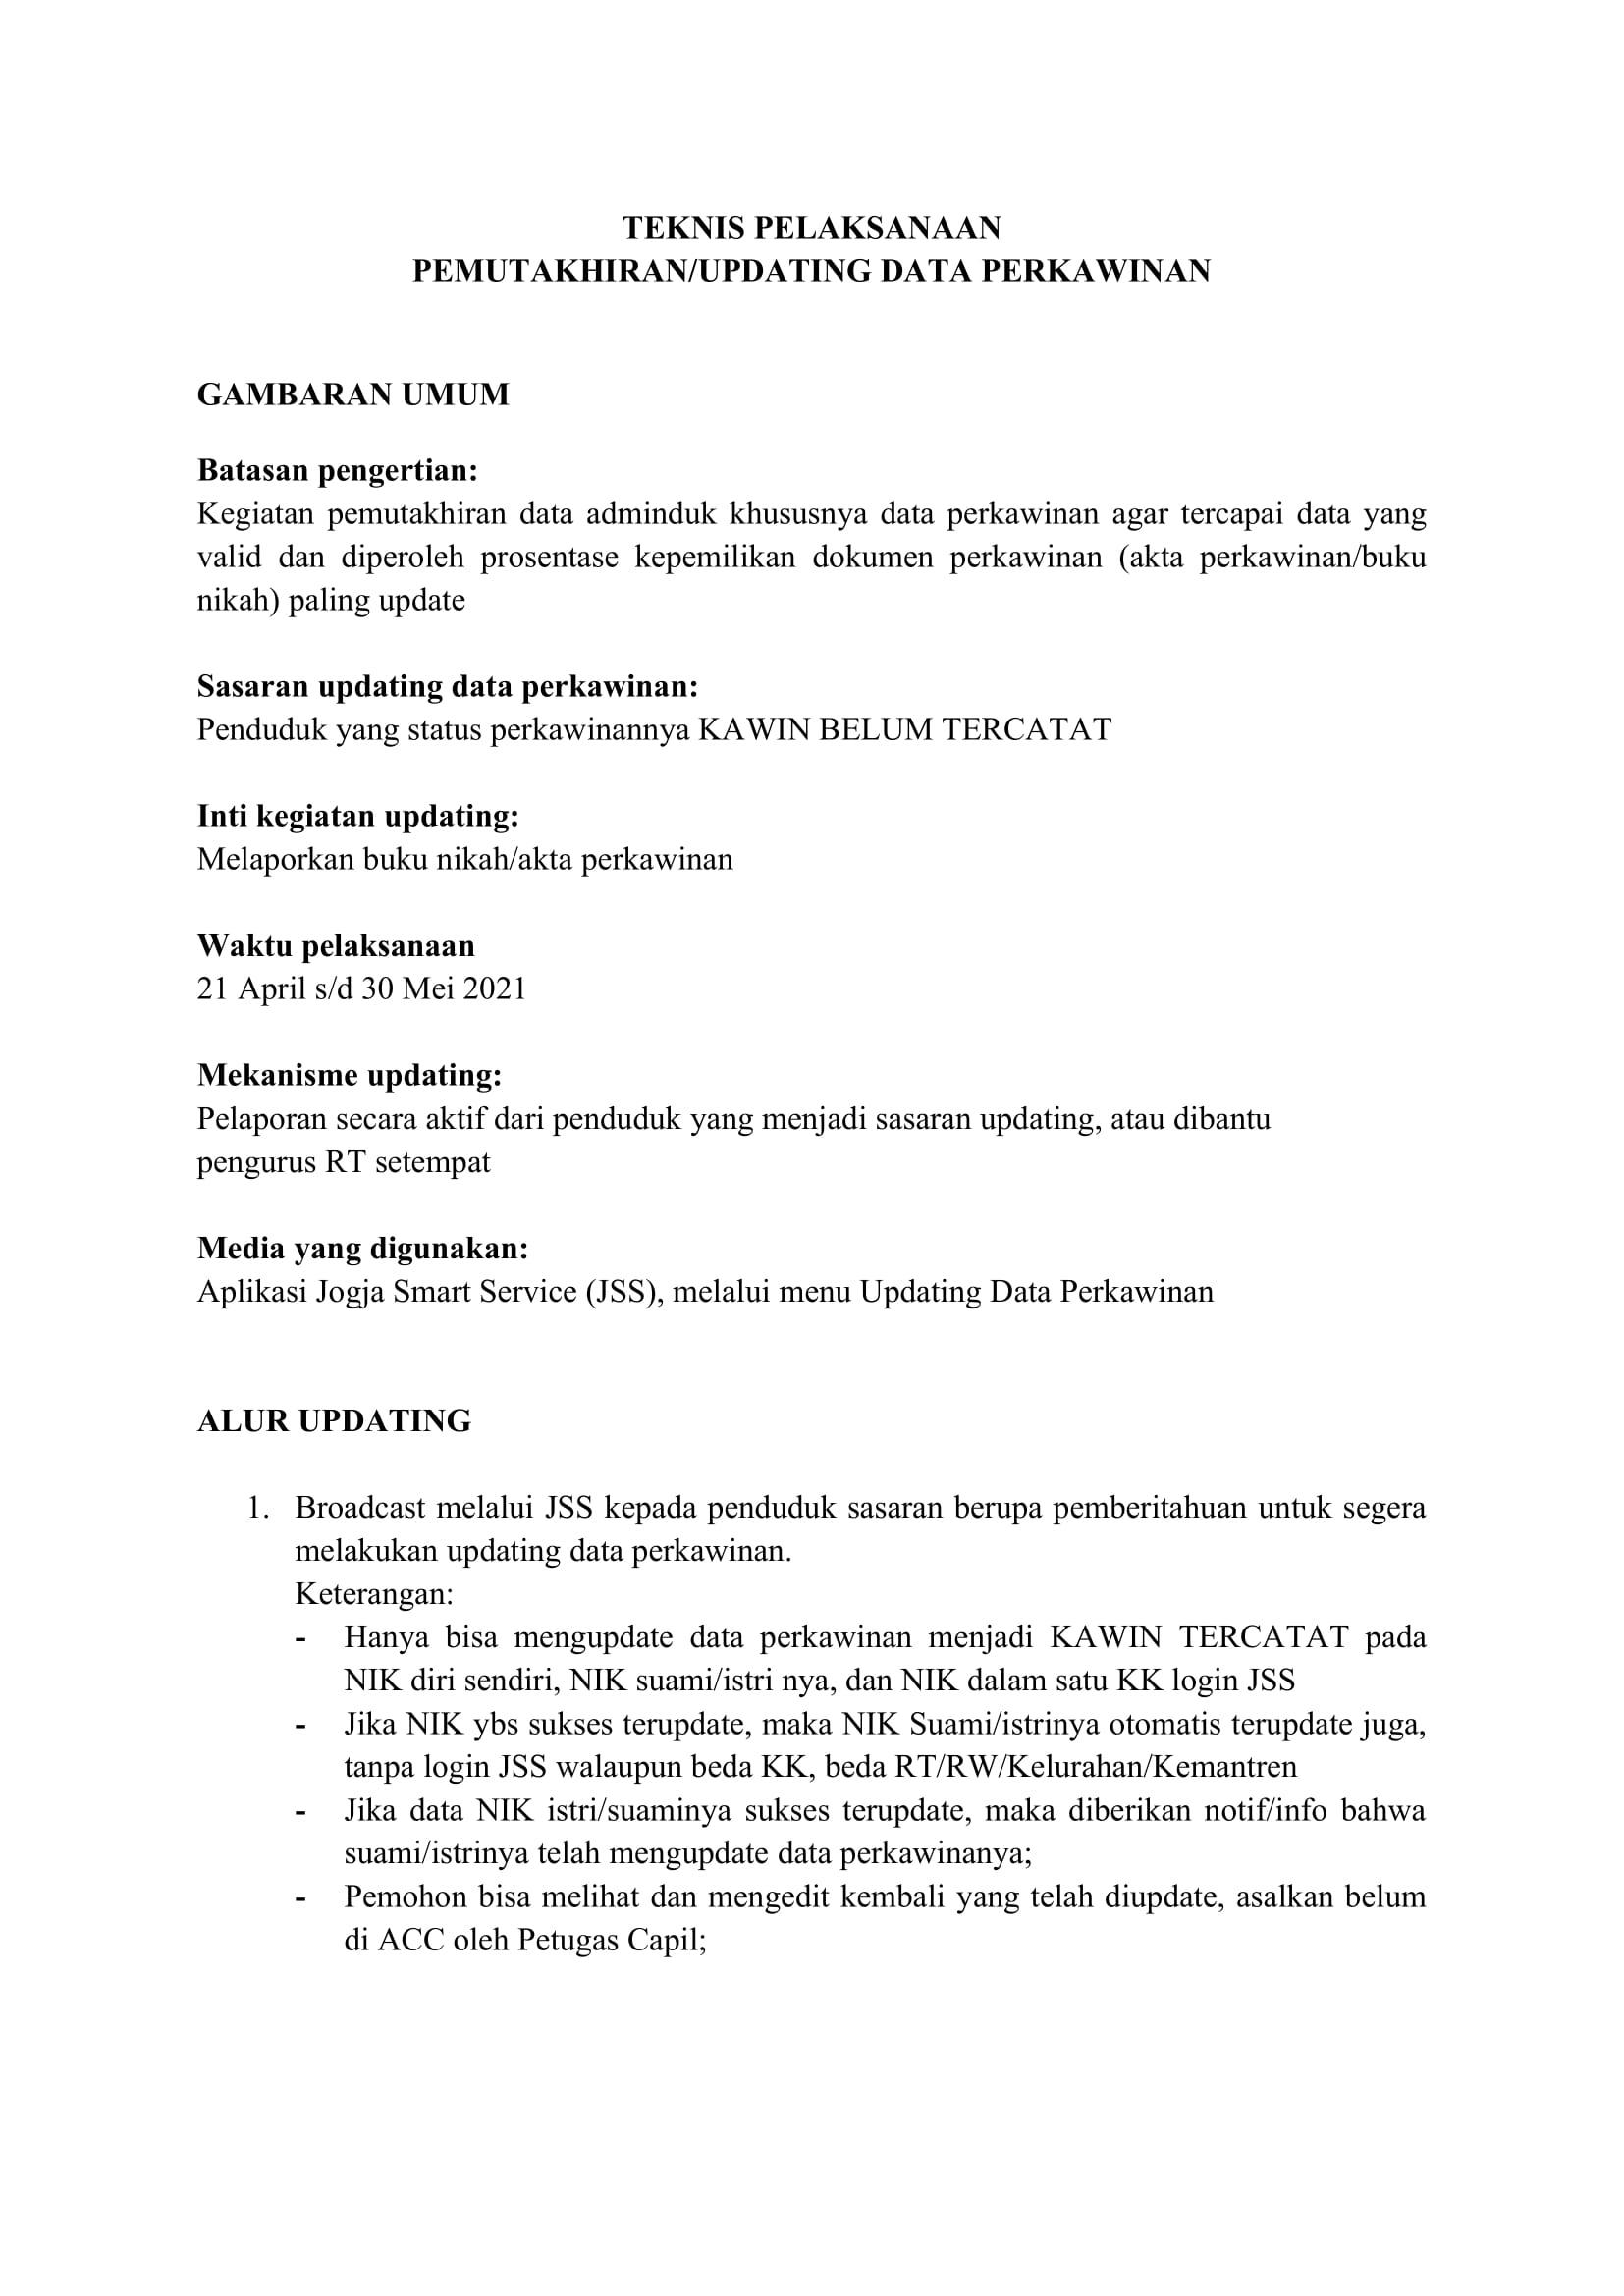 PEMUTAKHIRAN STATUS PERKAWINAN PADA KK (UPDATING DATA) BAGIAN 1